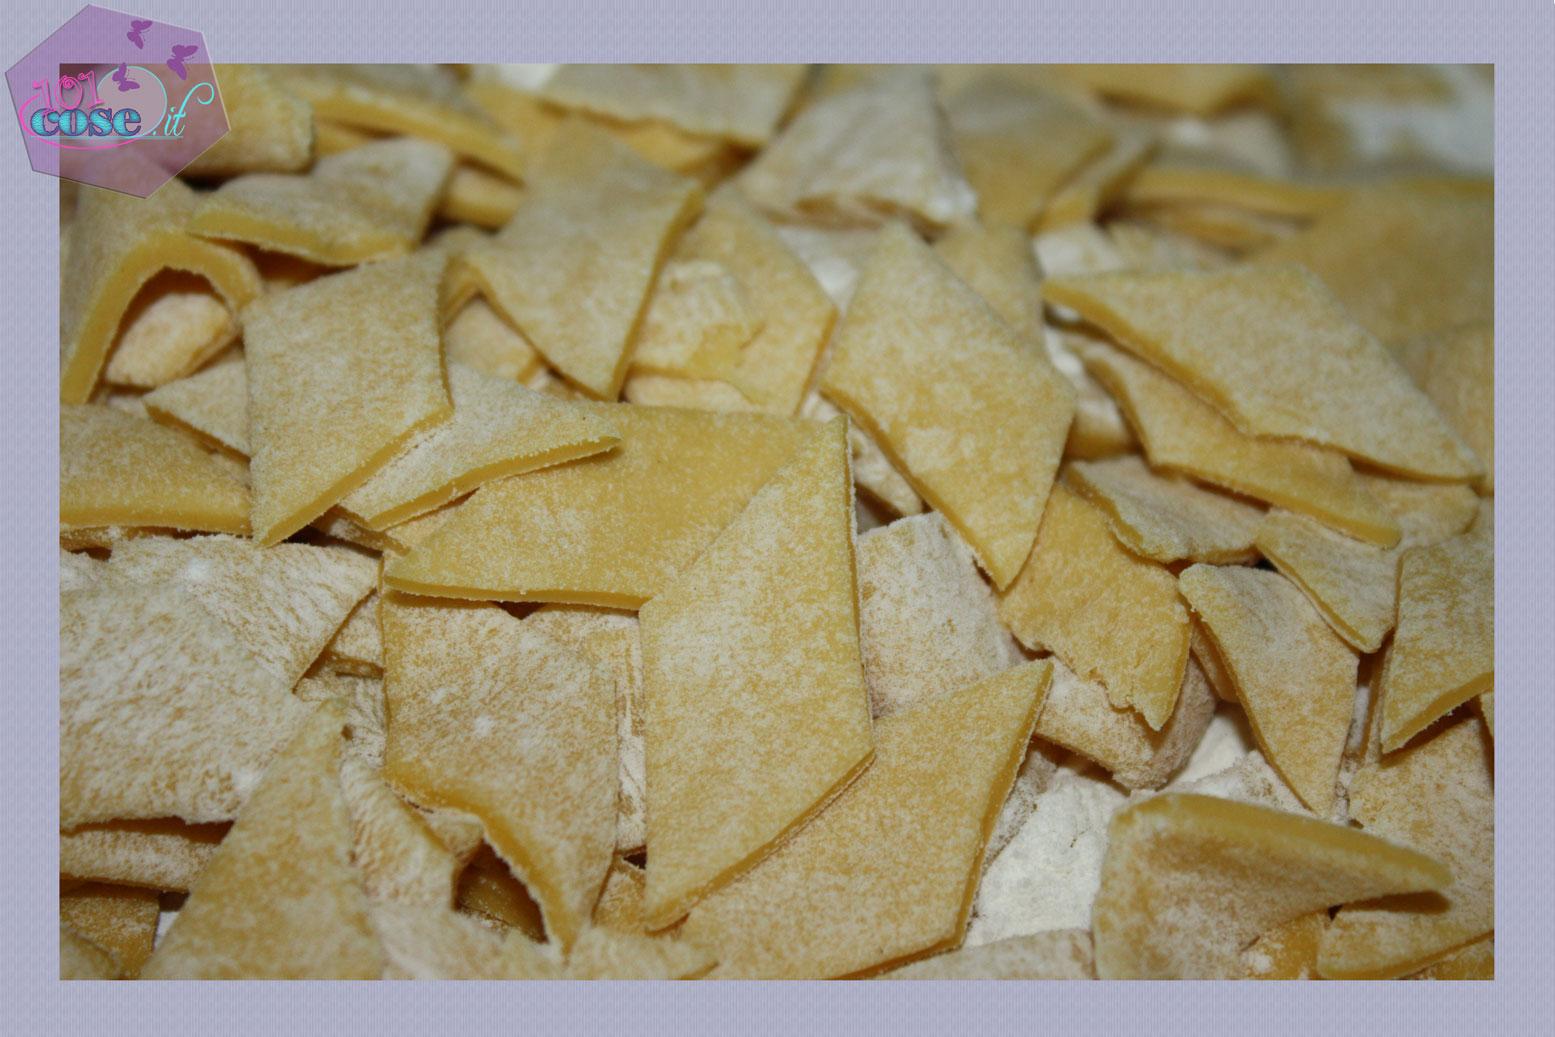 Conserve di zucchine pasta fatta in casa con kitchenaid - Impastatrice per pasta fatta in casa ...